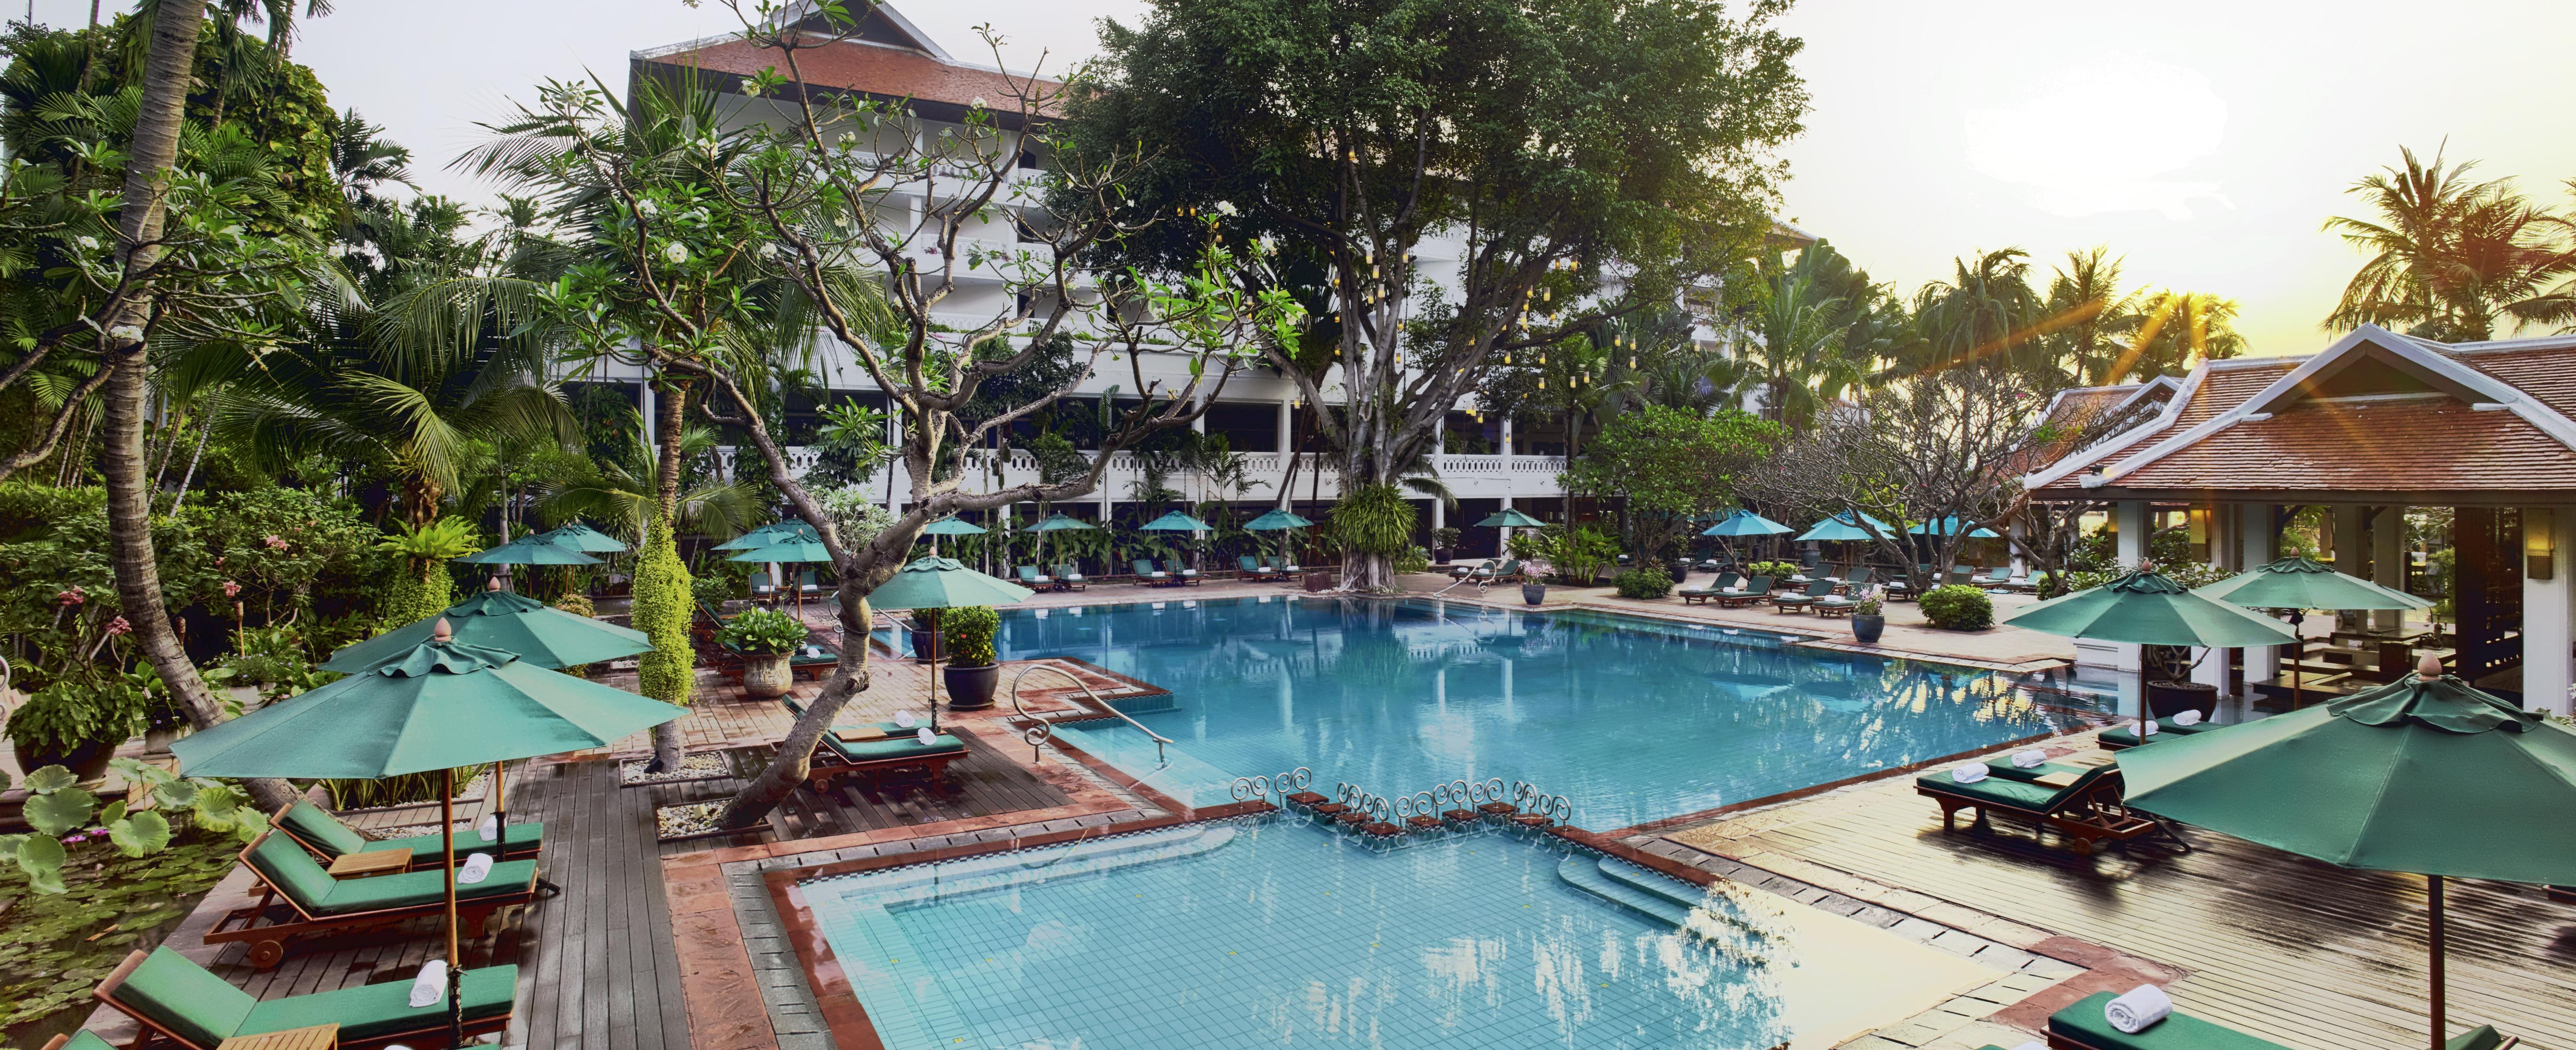 Anantara_Bangkok_Riverside_Pool